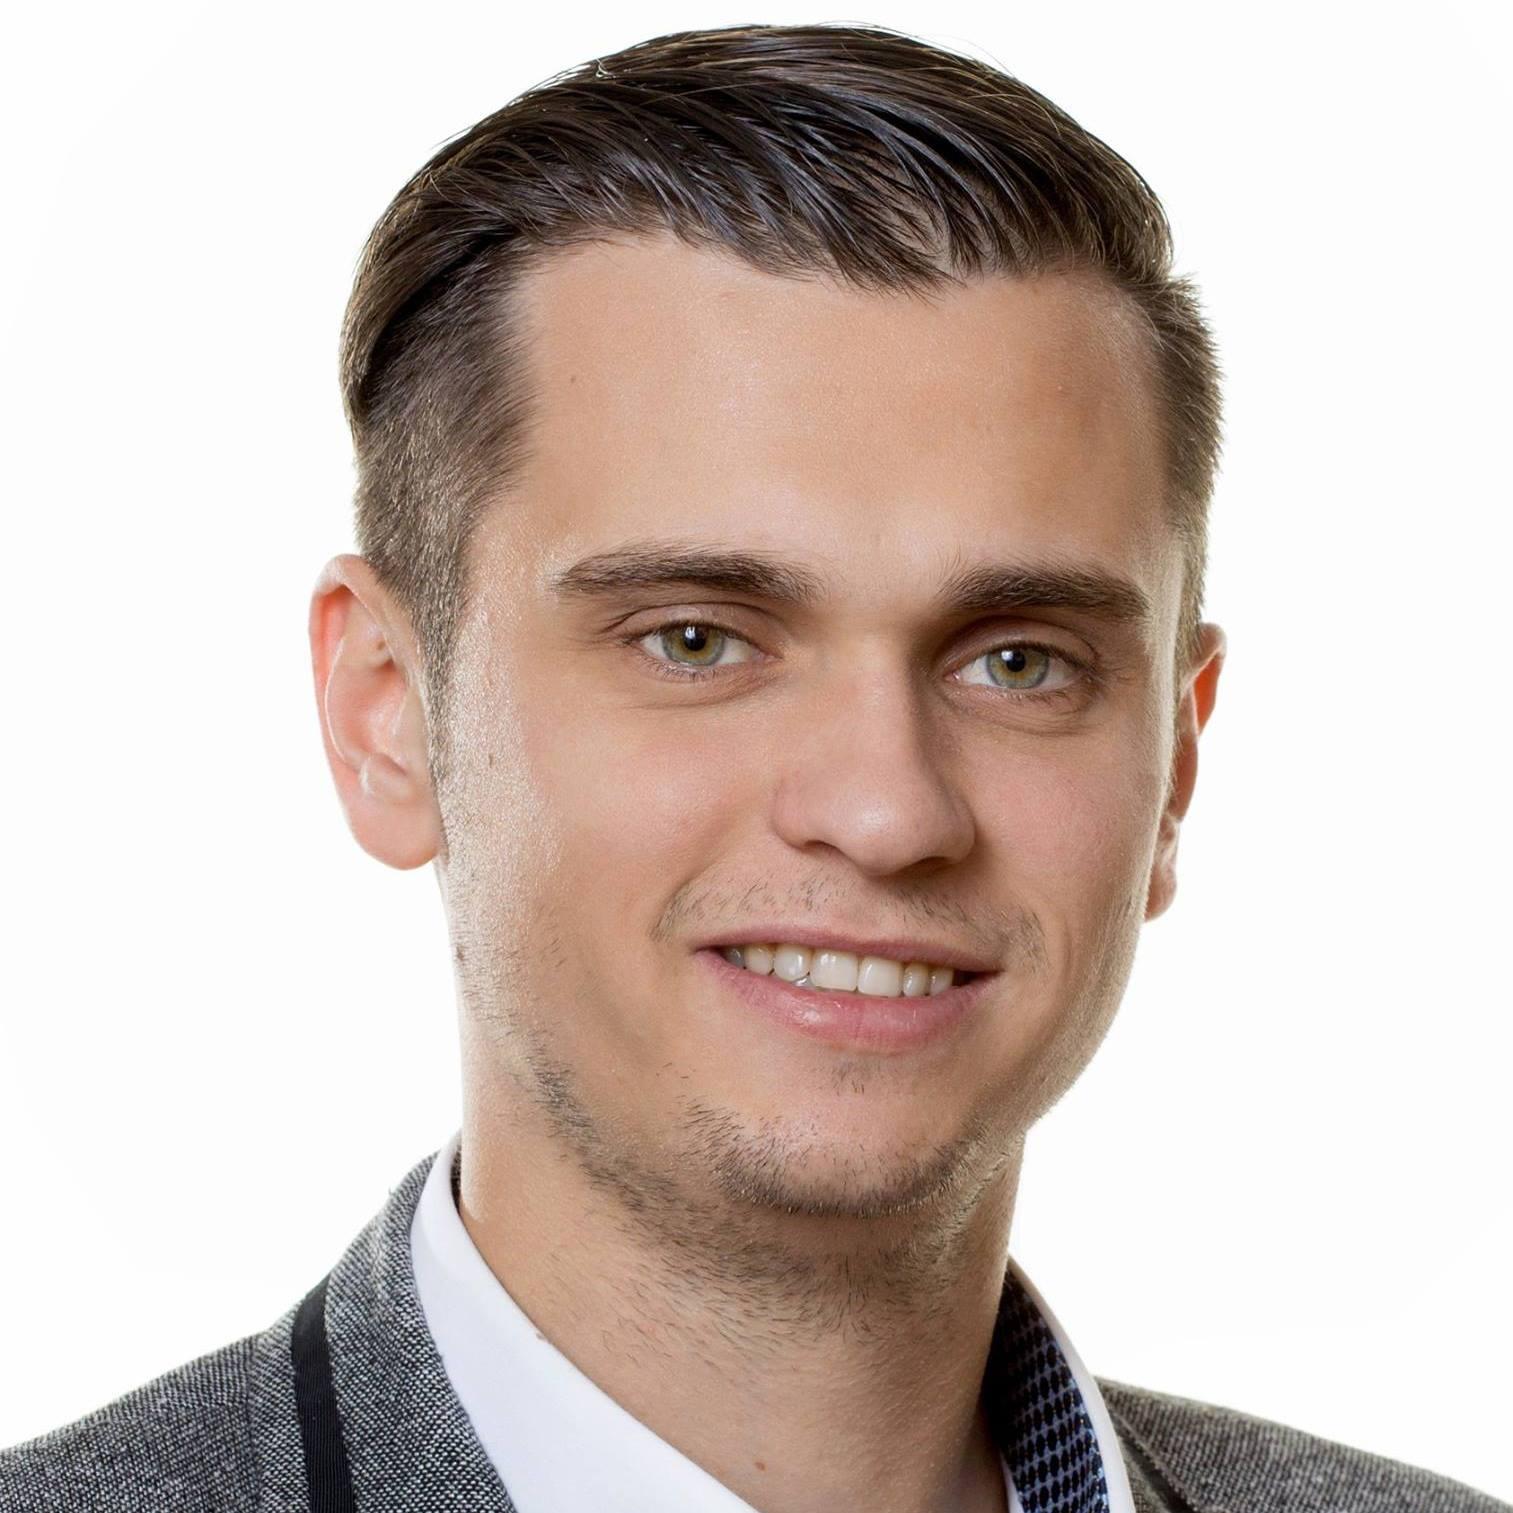 Stefan Michor